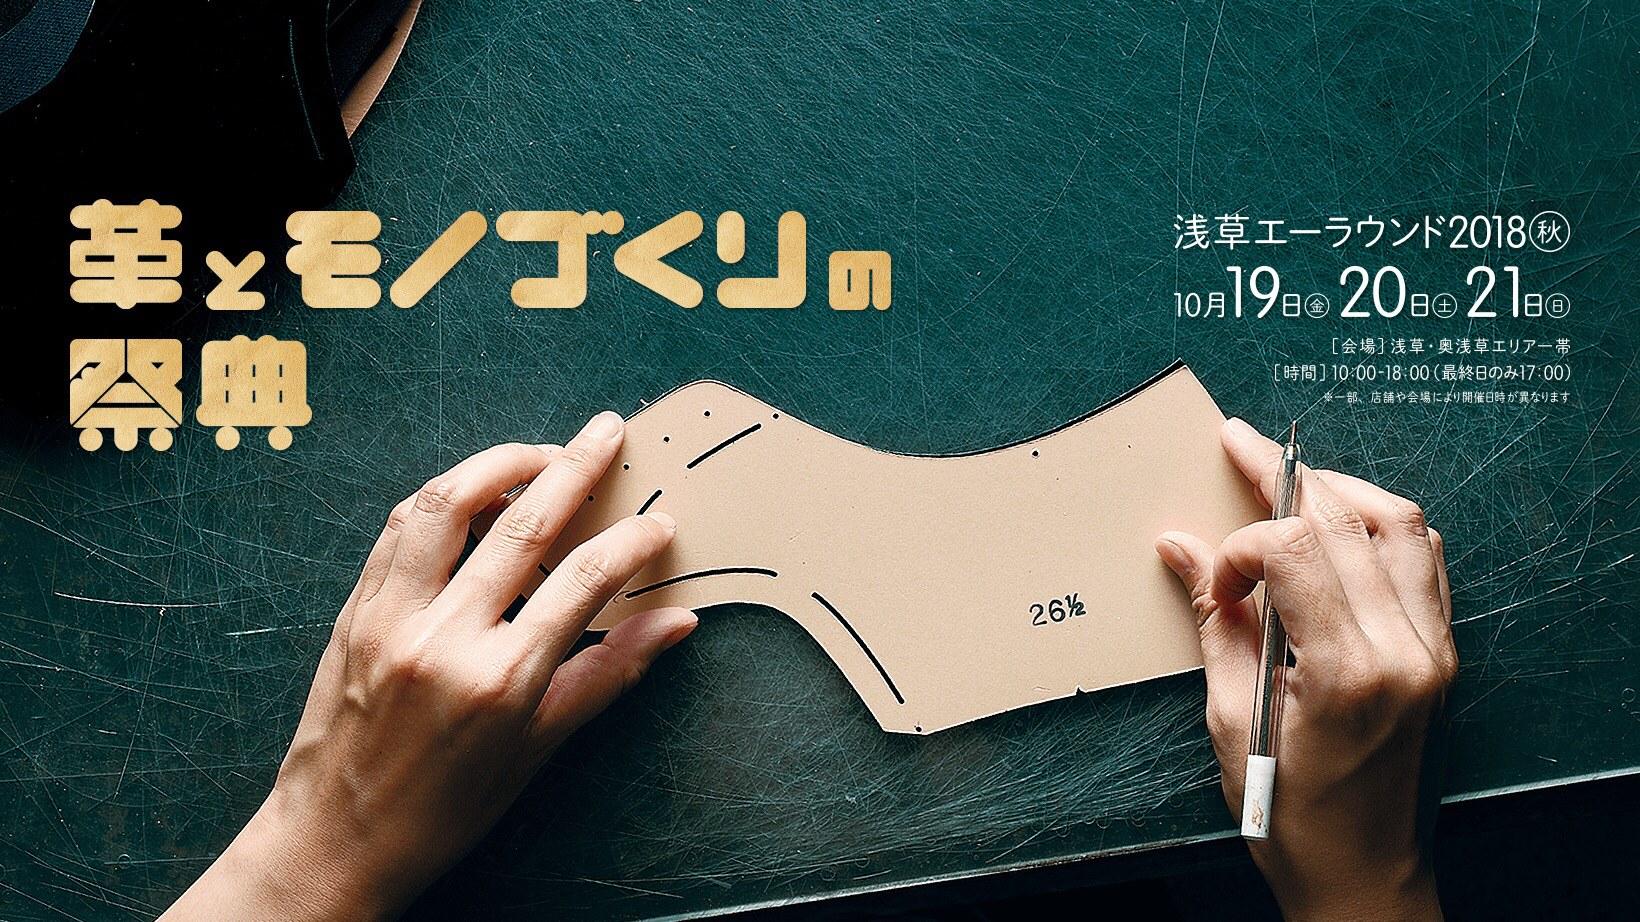 【イベント出店】革とモノづくりの祭典「浅草エーラウンド2018」